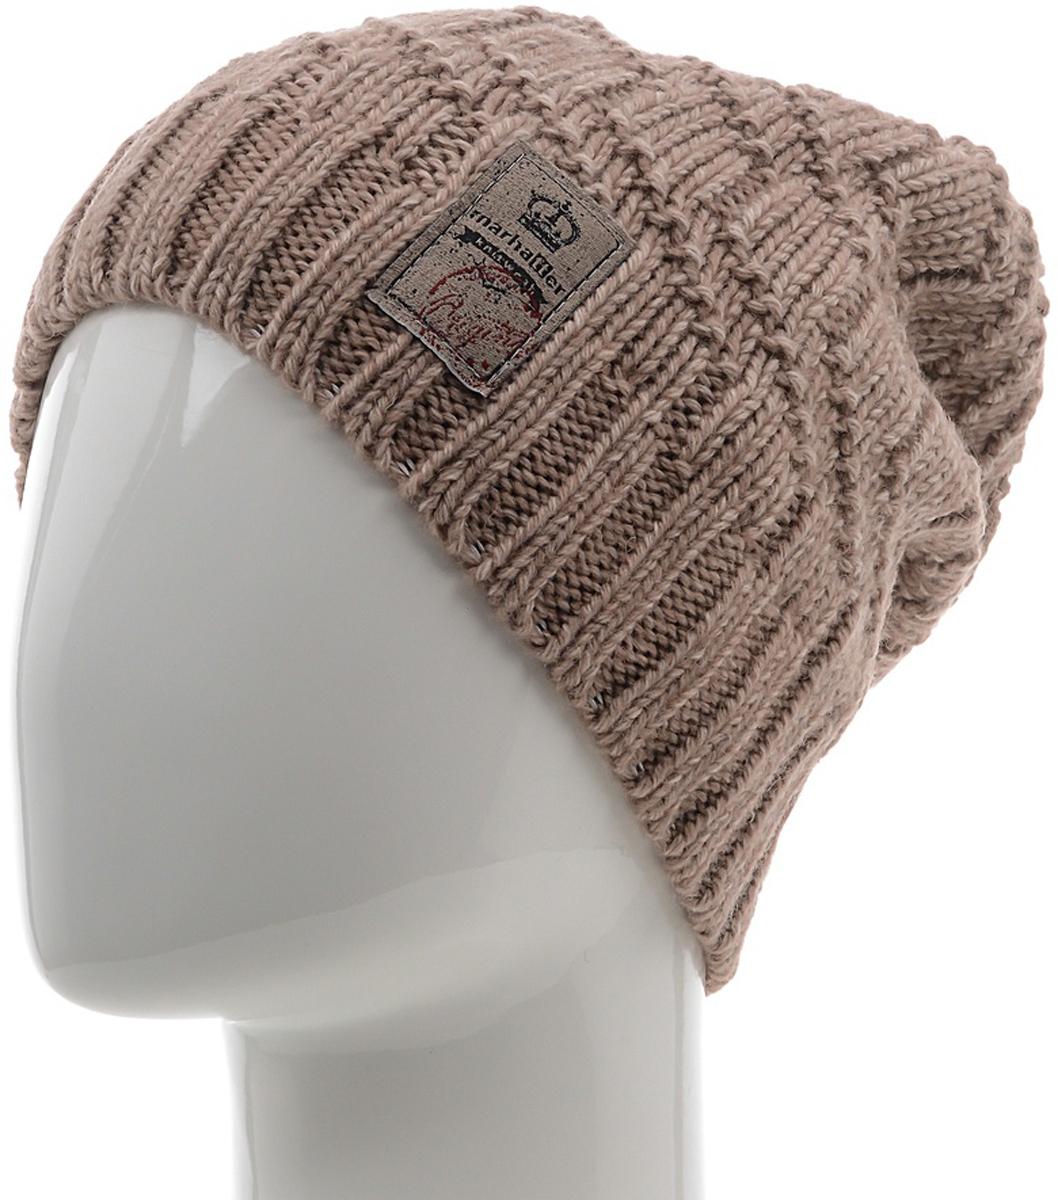 Шапка мужская Marhatter, цвет: бежевый. Размер 57/59. MMH6812/2MMH6812/2Отличная вязаная шапка в стиле сasual. Модель прекрасно подойдет активным молодым людям, ценящим комфорт и удобство. Идеальный вариант на каждый день.